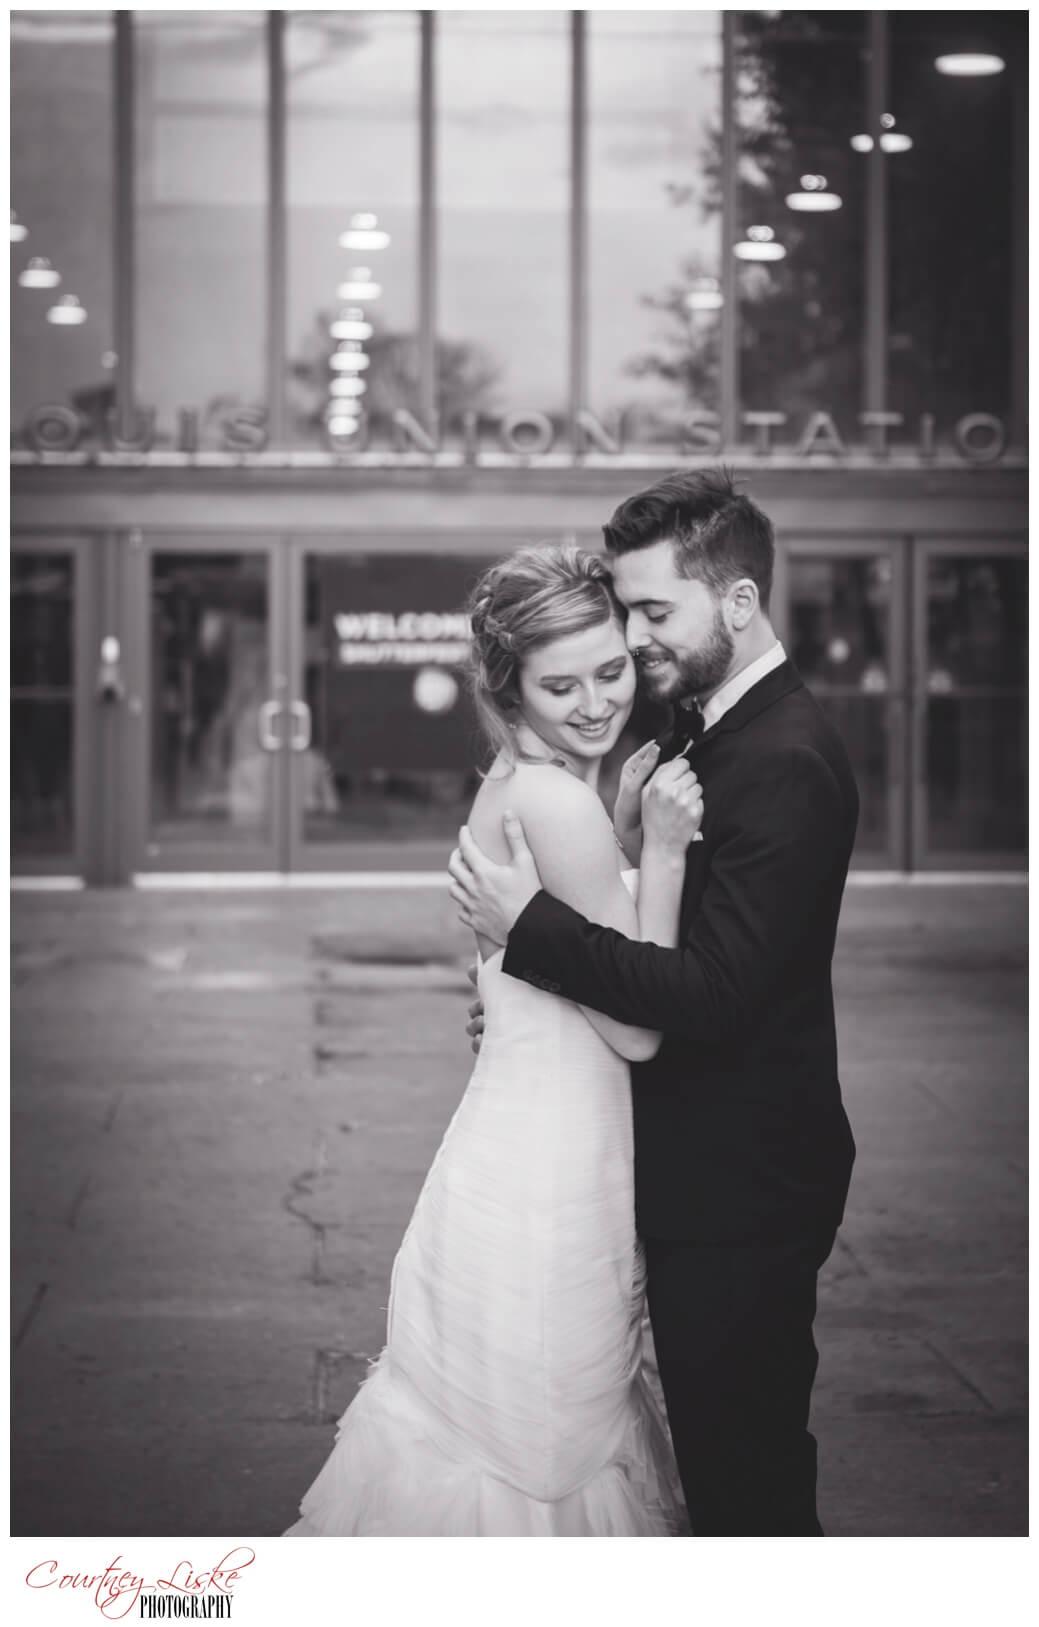 Regina Wedding Photographer - Courtney Liske Photography - Conference Couple 2